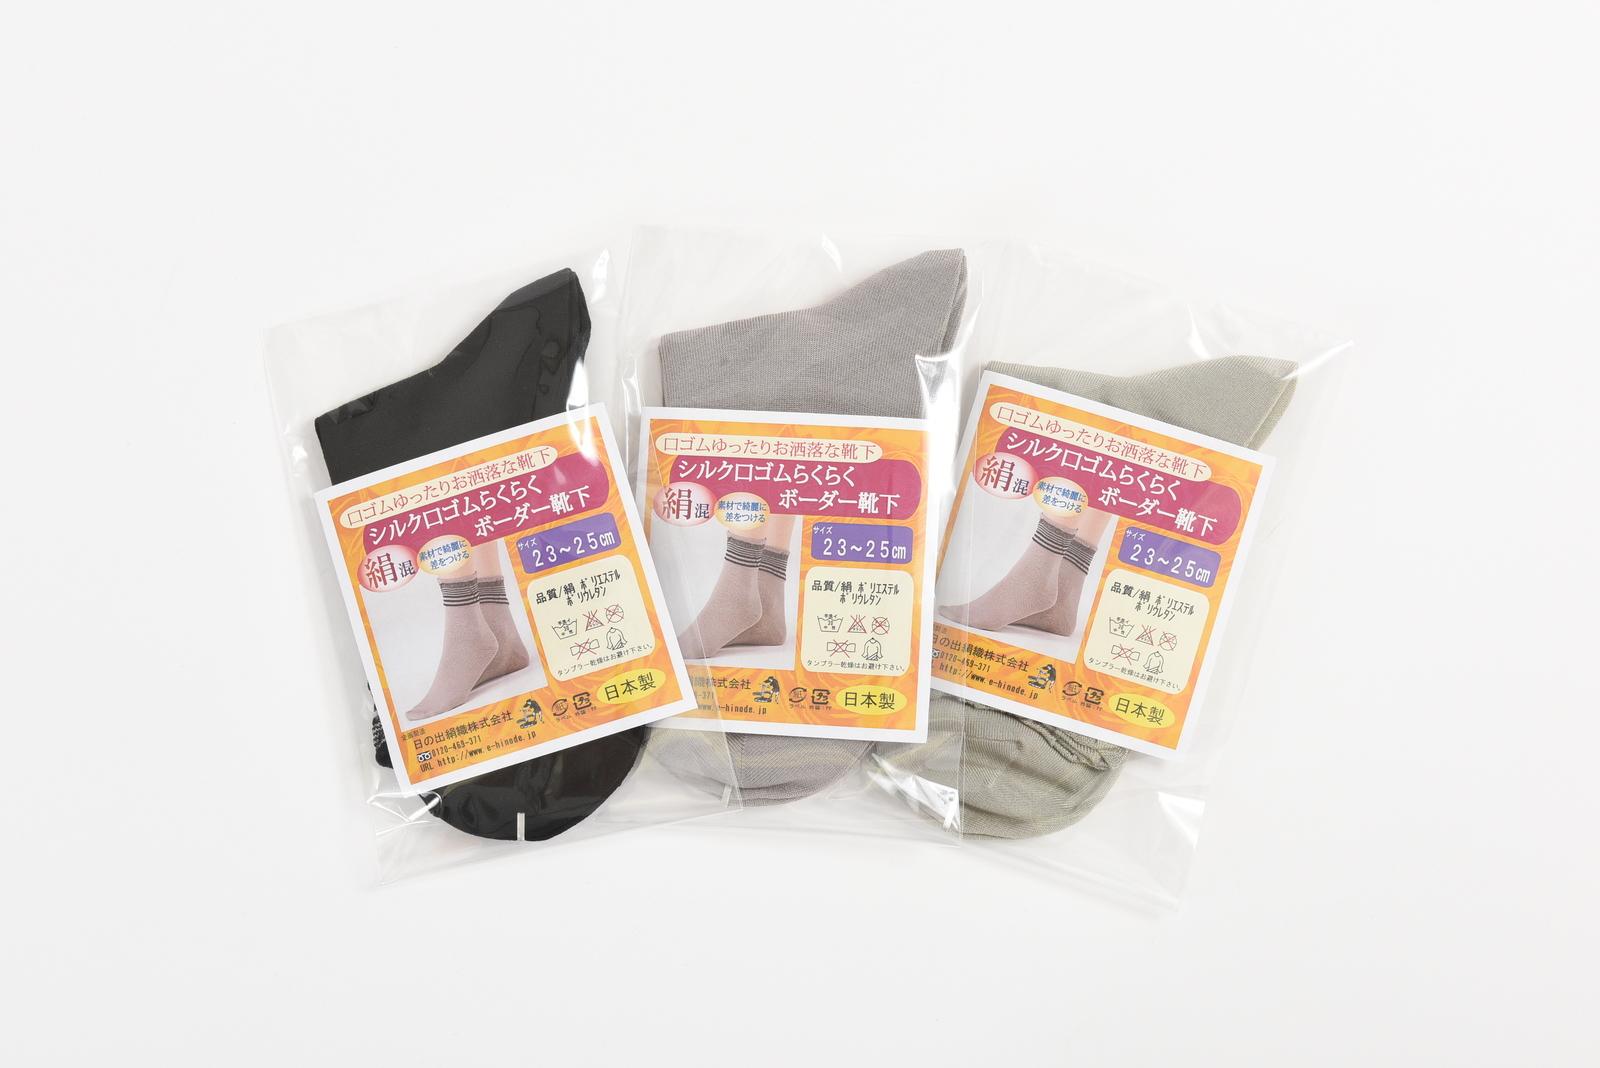 因为丝绸口橡胶轻松是边缘袜子绢混合材料所以触感和舒适超群!